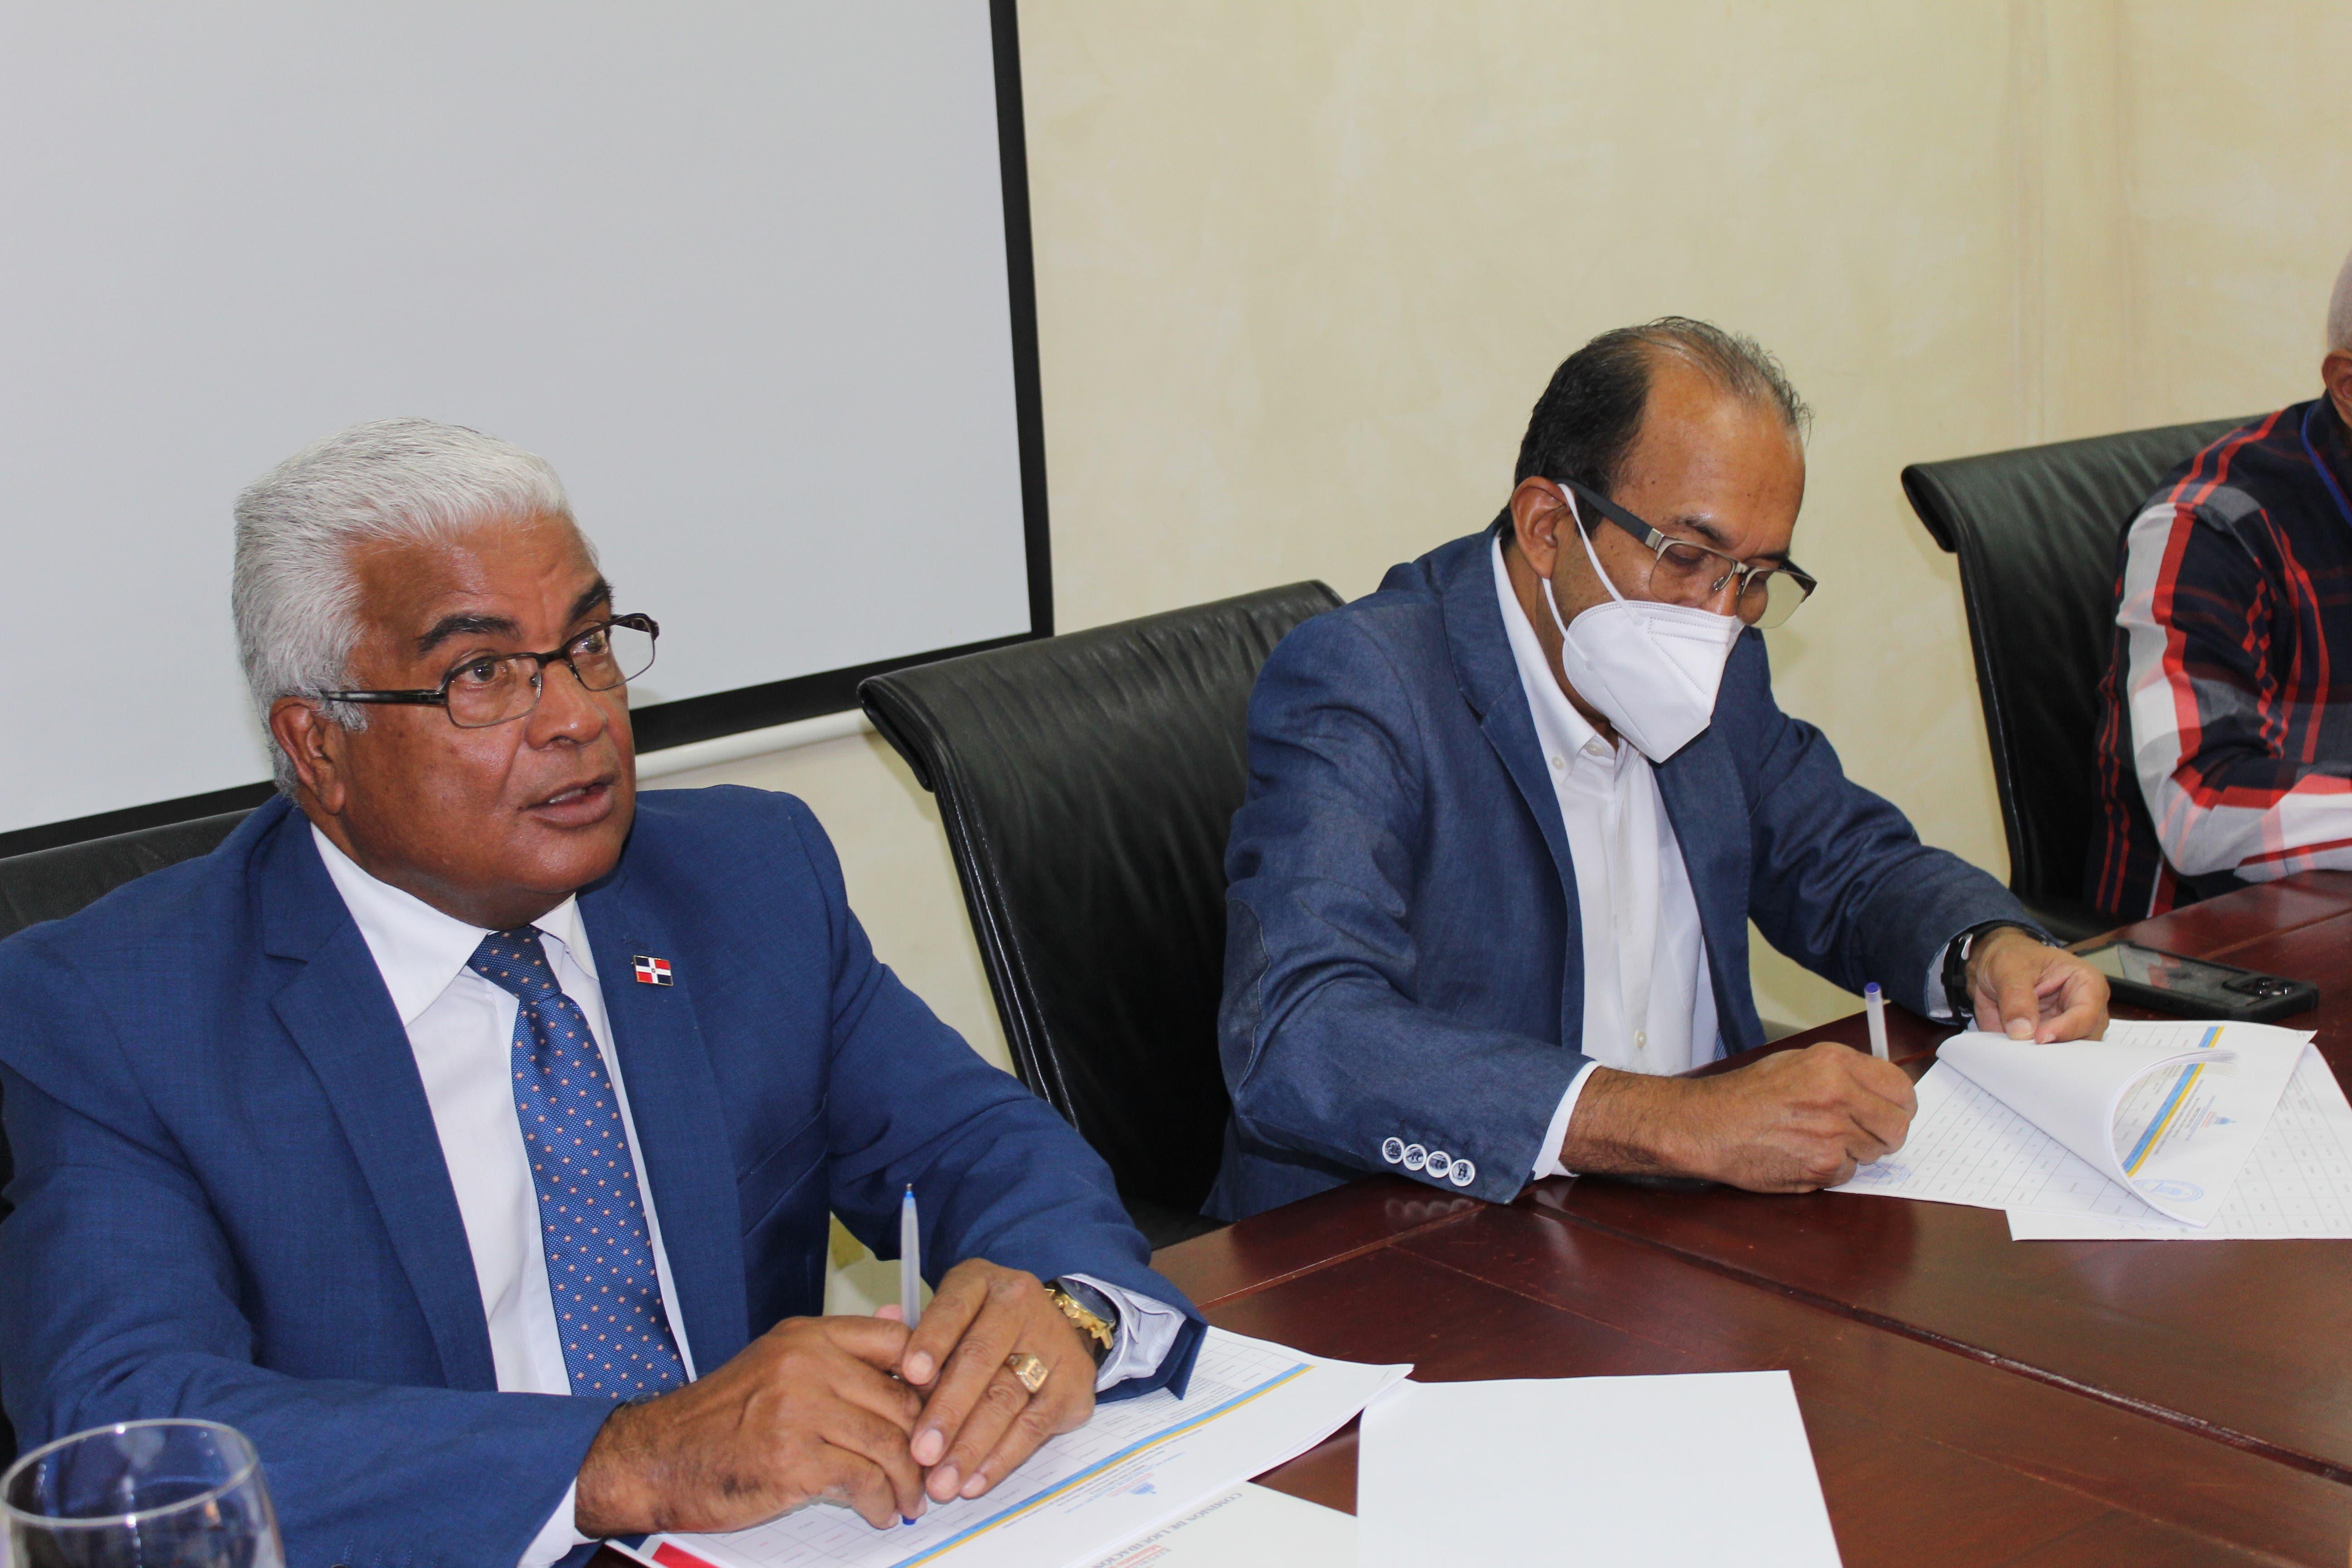 Comisión de Liquidación traspasa a Ministerio de Obras Públicas 208 proyectos de la Oisoe